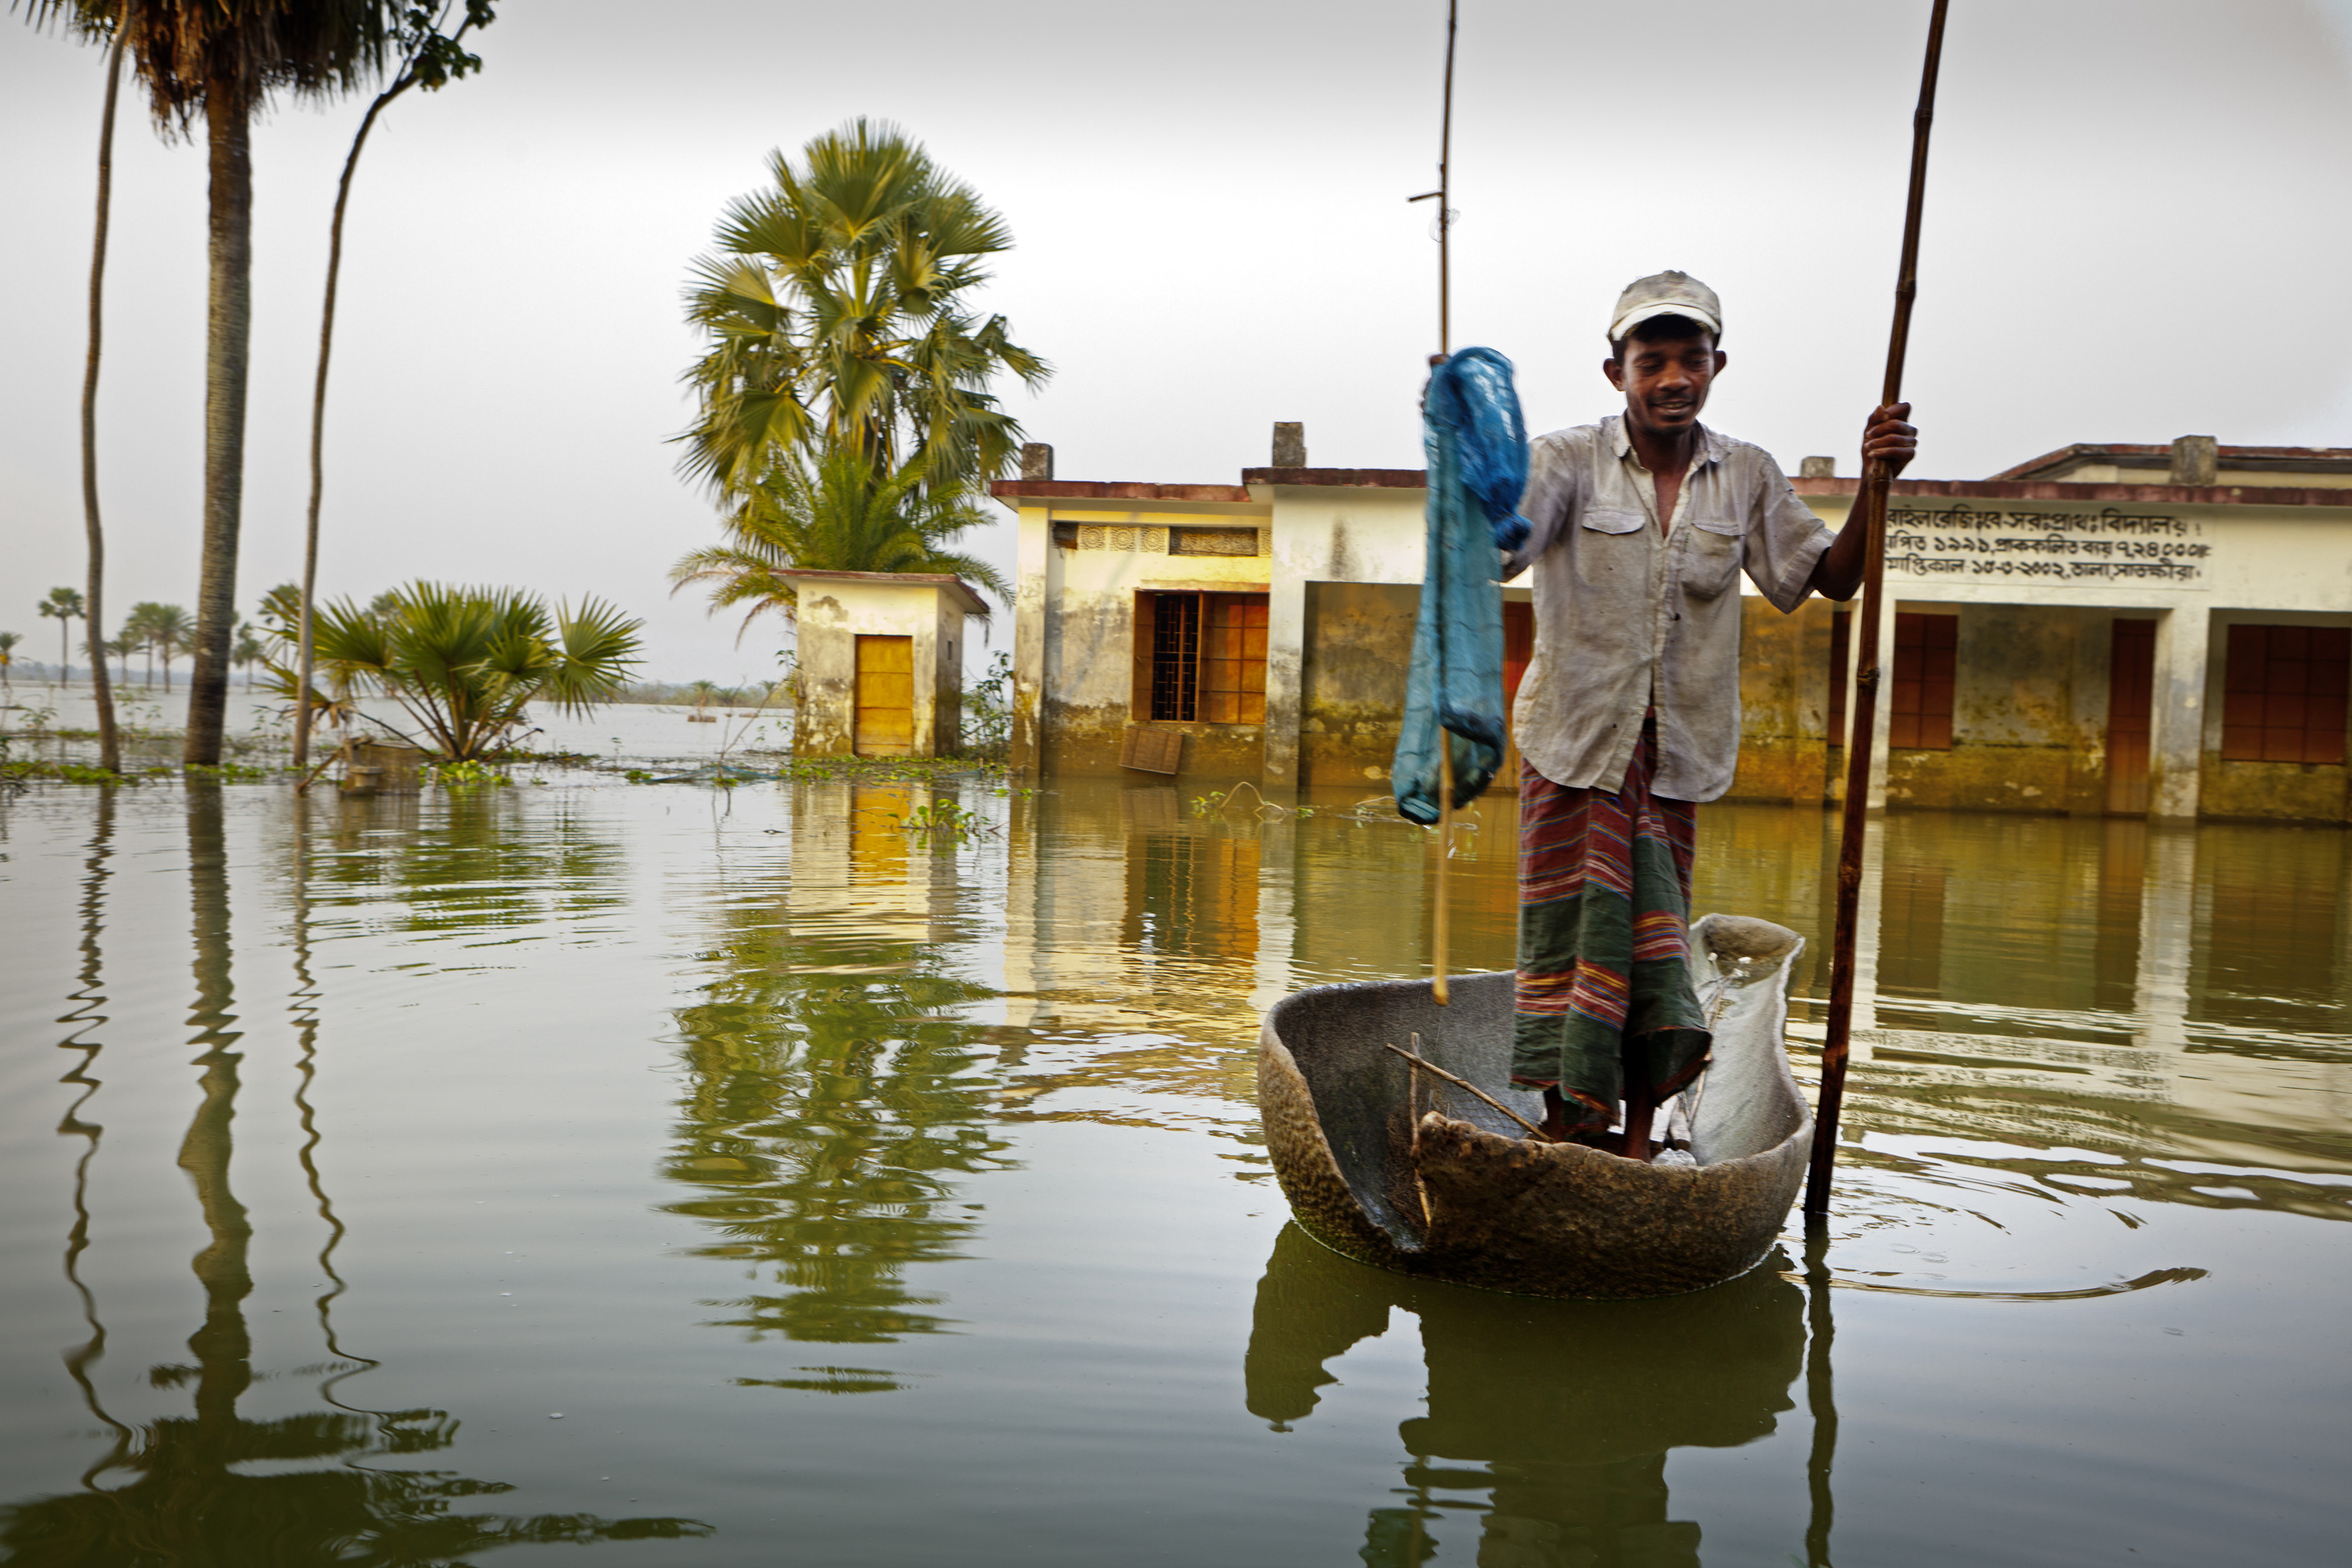 """Fischer mit Holzbooten auf der ueberfluteten regionenin der Naehe von Shyamnagar in Sued - Bangladesh. Hier sind die sind die Auswirkungen des Klimawandels besonders zu spüren Die Partnerorganisation von """"Brot für die Welt"""" CCDB (Christian Commission for Development in Bangladesh) fördert anpassenden Maßnahmen an den Klimawandel. Ziel ist es, dass die Menschen mit den Klimaveränderungen überleben können. (z.B. durch salzresistentes Saatgut, Regenwasserbehältnisse, Mangovenpflanzungen, Schutzbauten (Shelter), verbesserte Hausbauweise, alternative Einkommensmöglichkeiten). Foto: Frank Schultze / Brot für die Welt"""